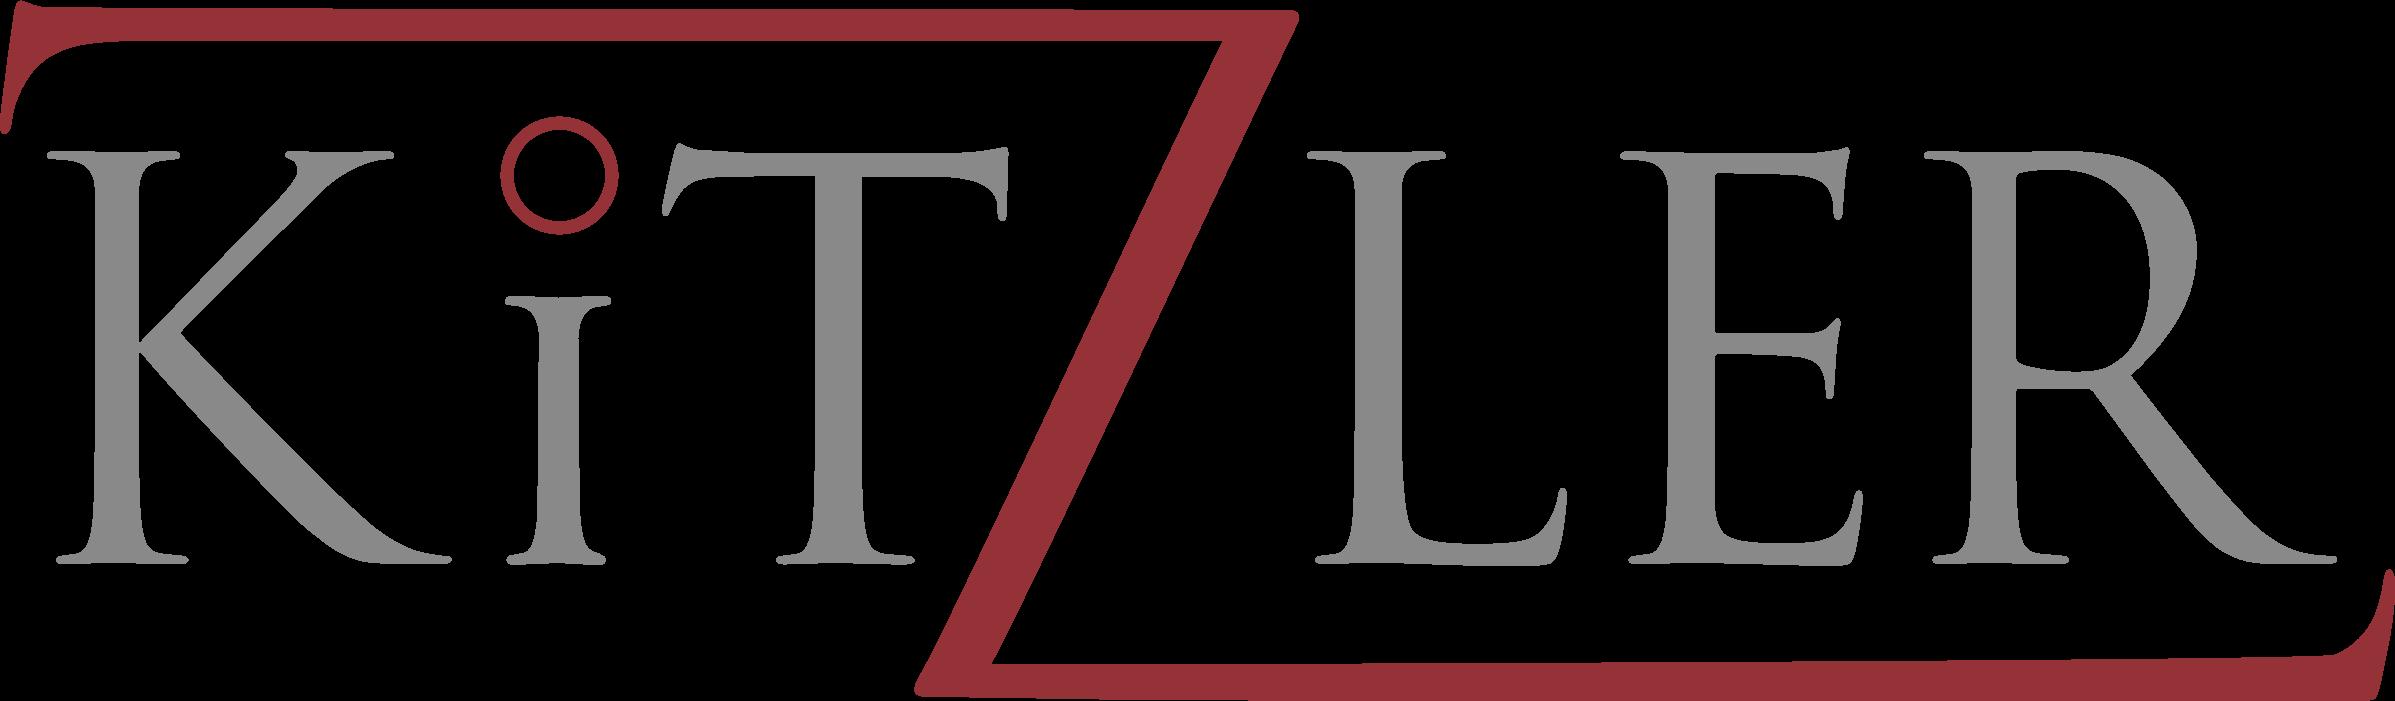 Winzerhaus Kitzler – Wein und Genuss aus dem Kremstal